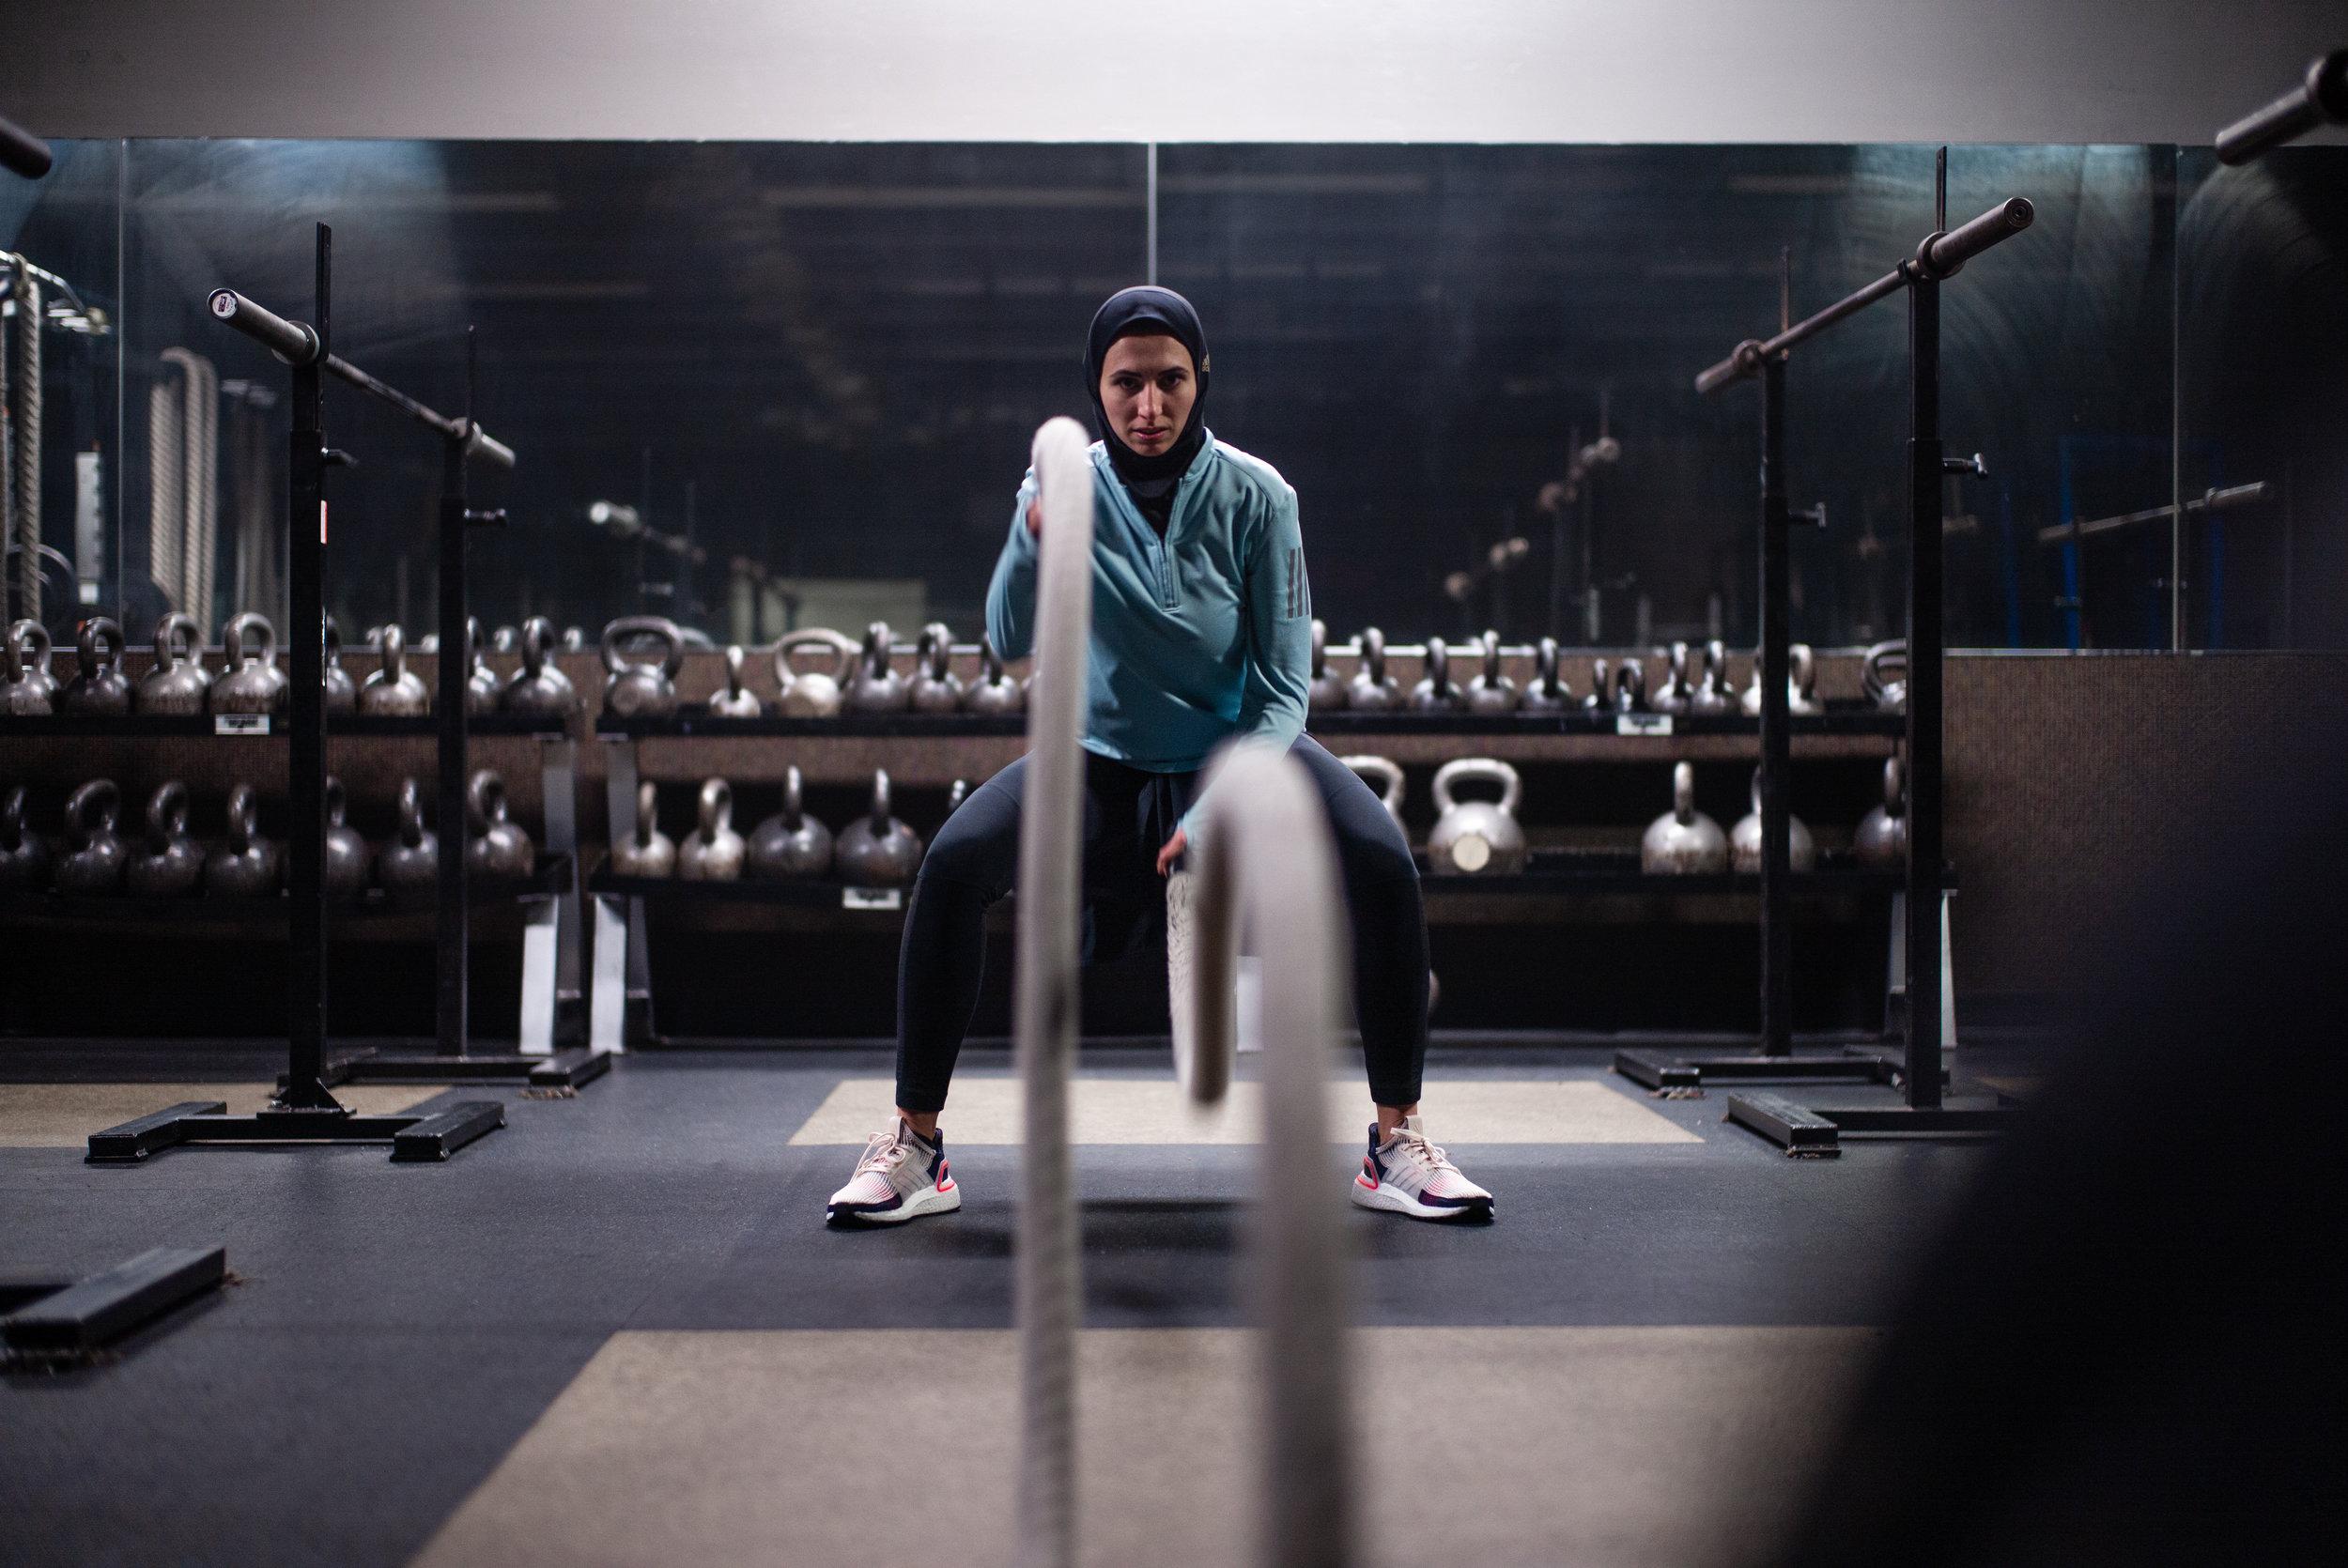 190214_Adidas_SWW_09-Weightroom_4308.jpg